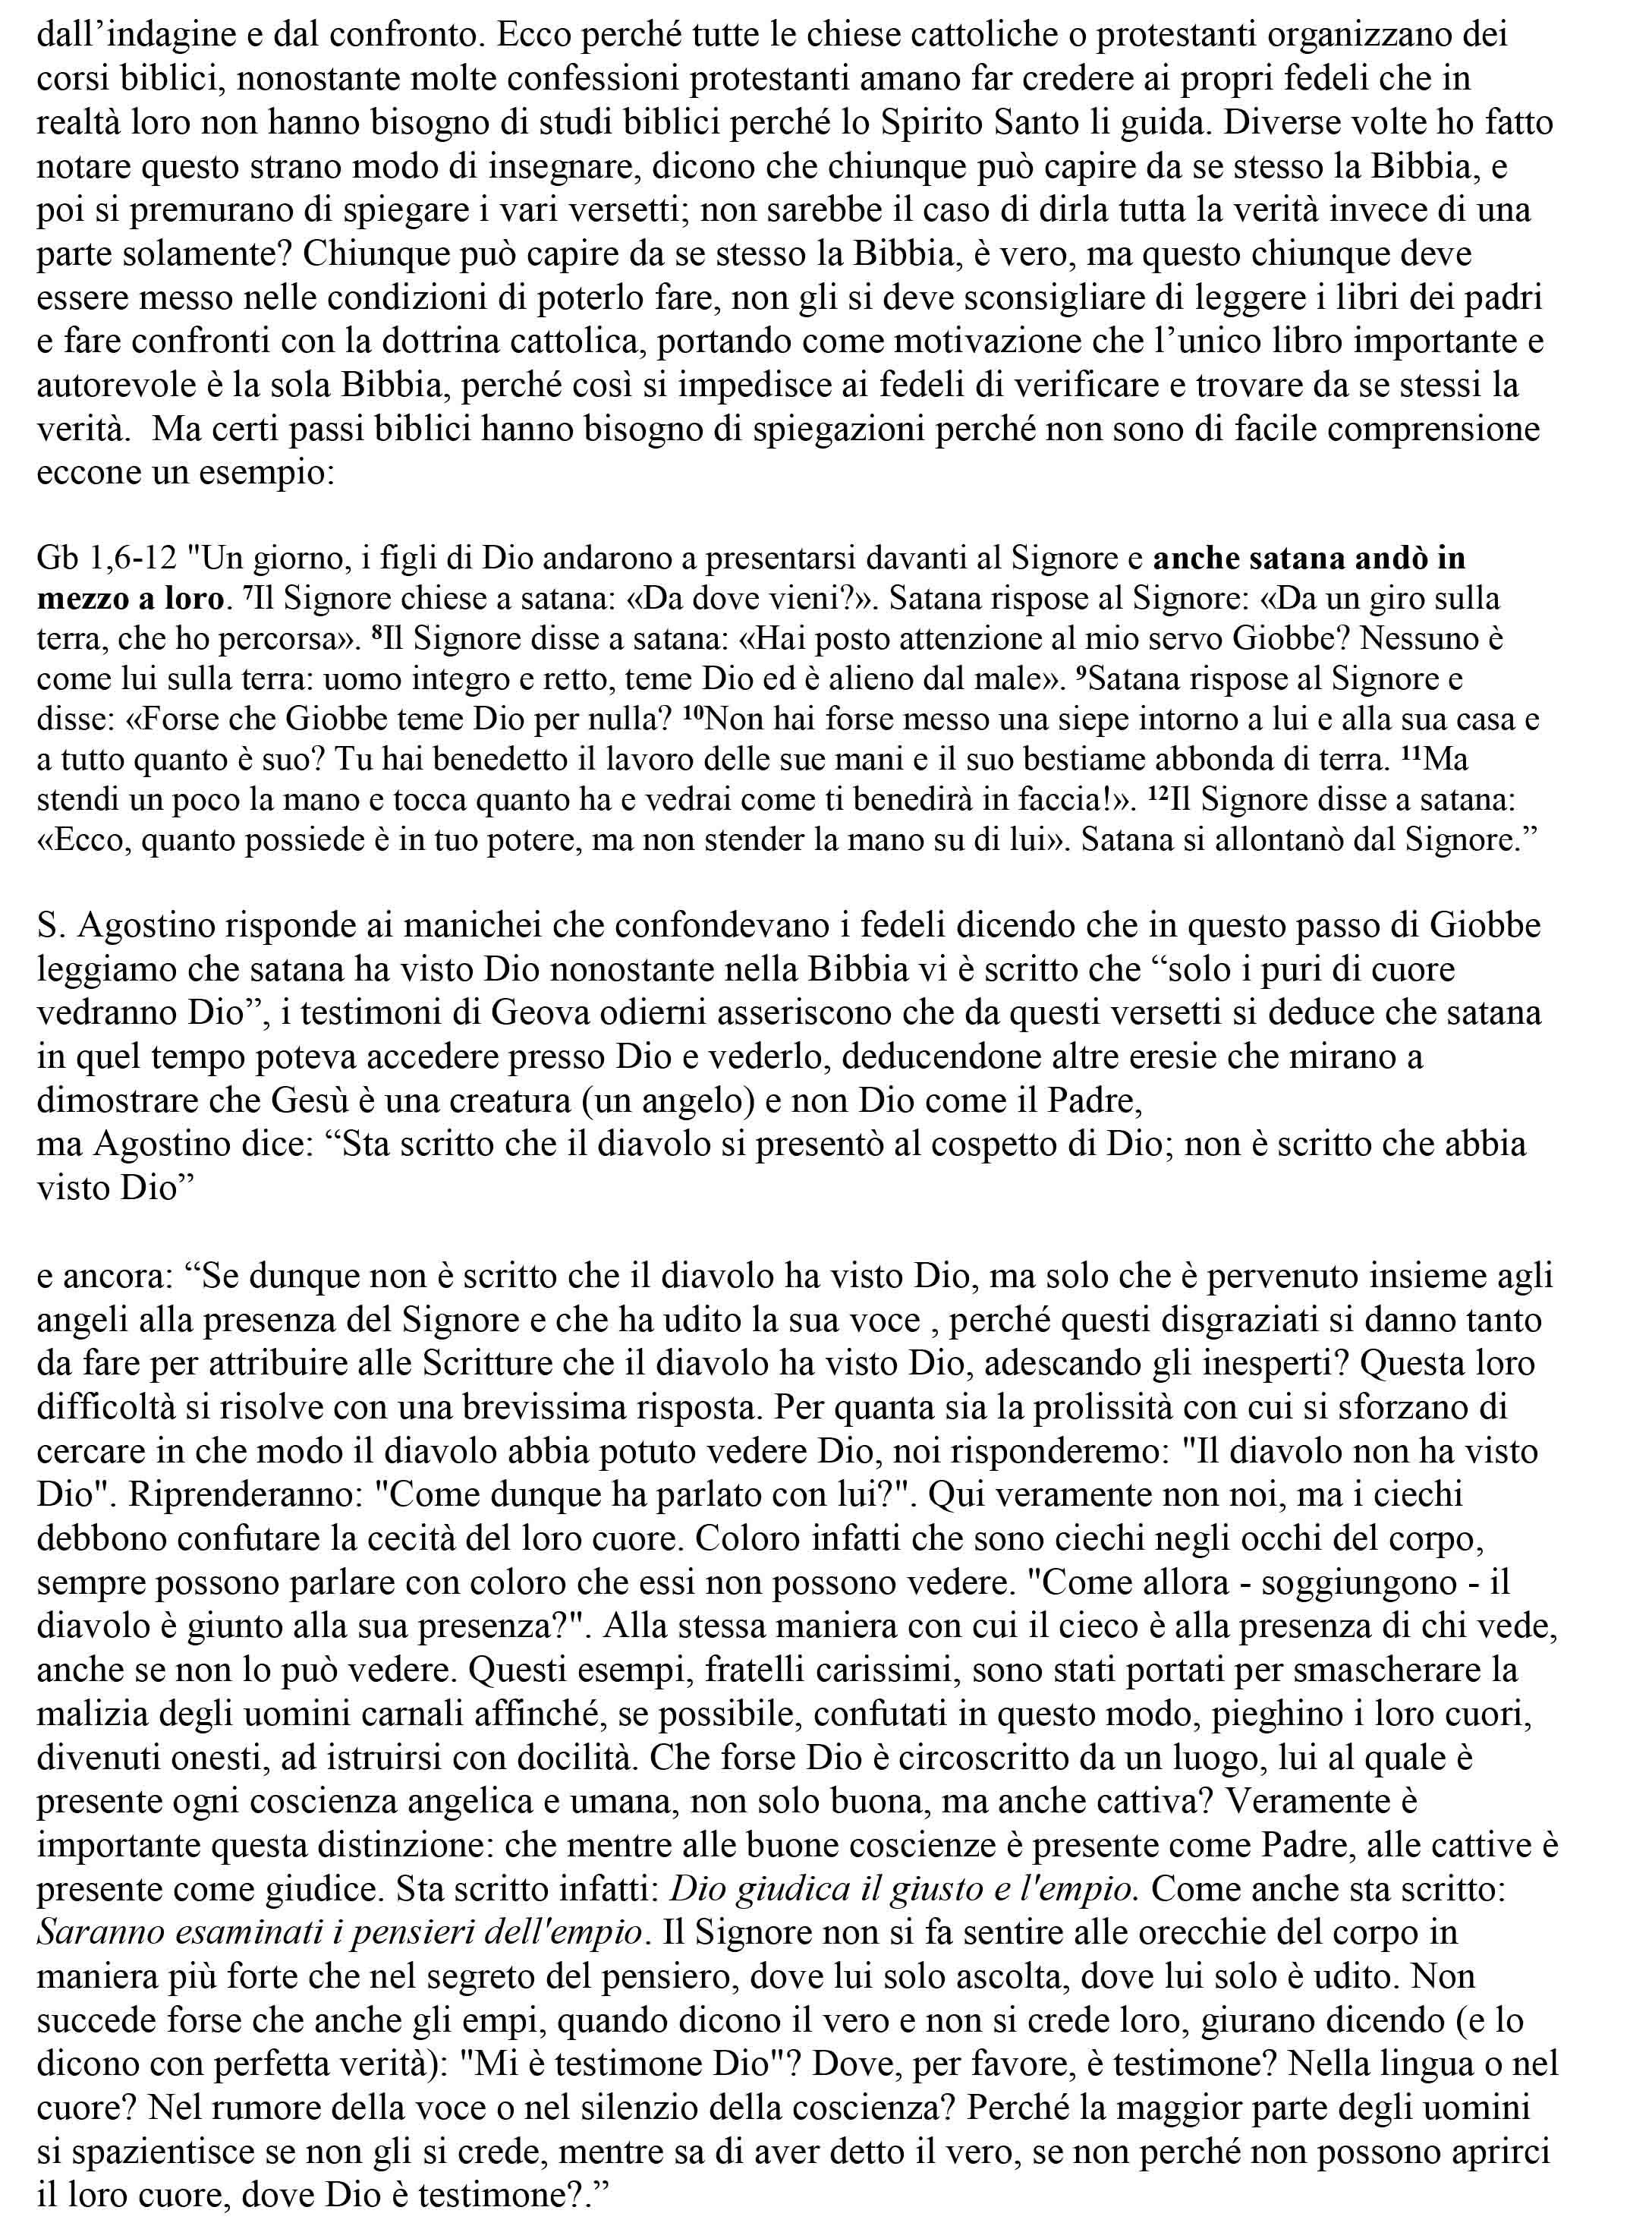 DIECI-COMANDAMENTI-IL-COMANDAMENTO-CANCELLATO-7